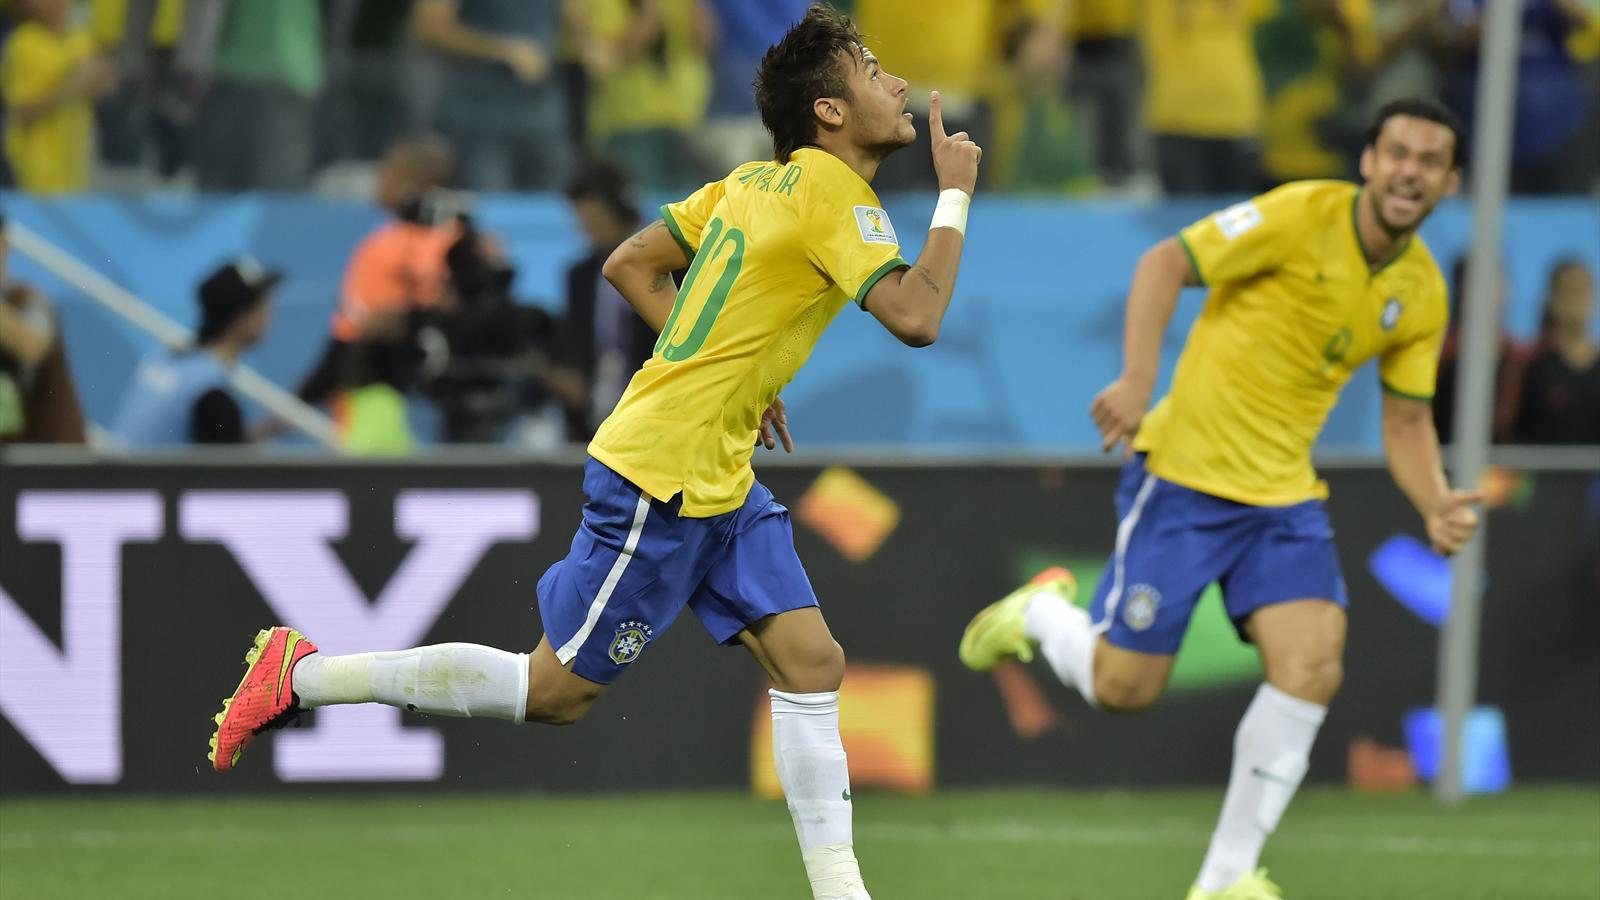 Coupe du monde, Brésil - Croatie (3-1) : Un grand Neymar sauve un petit Brésil